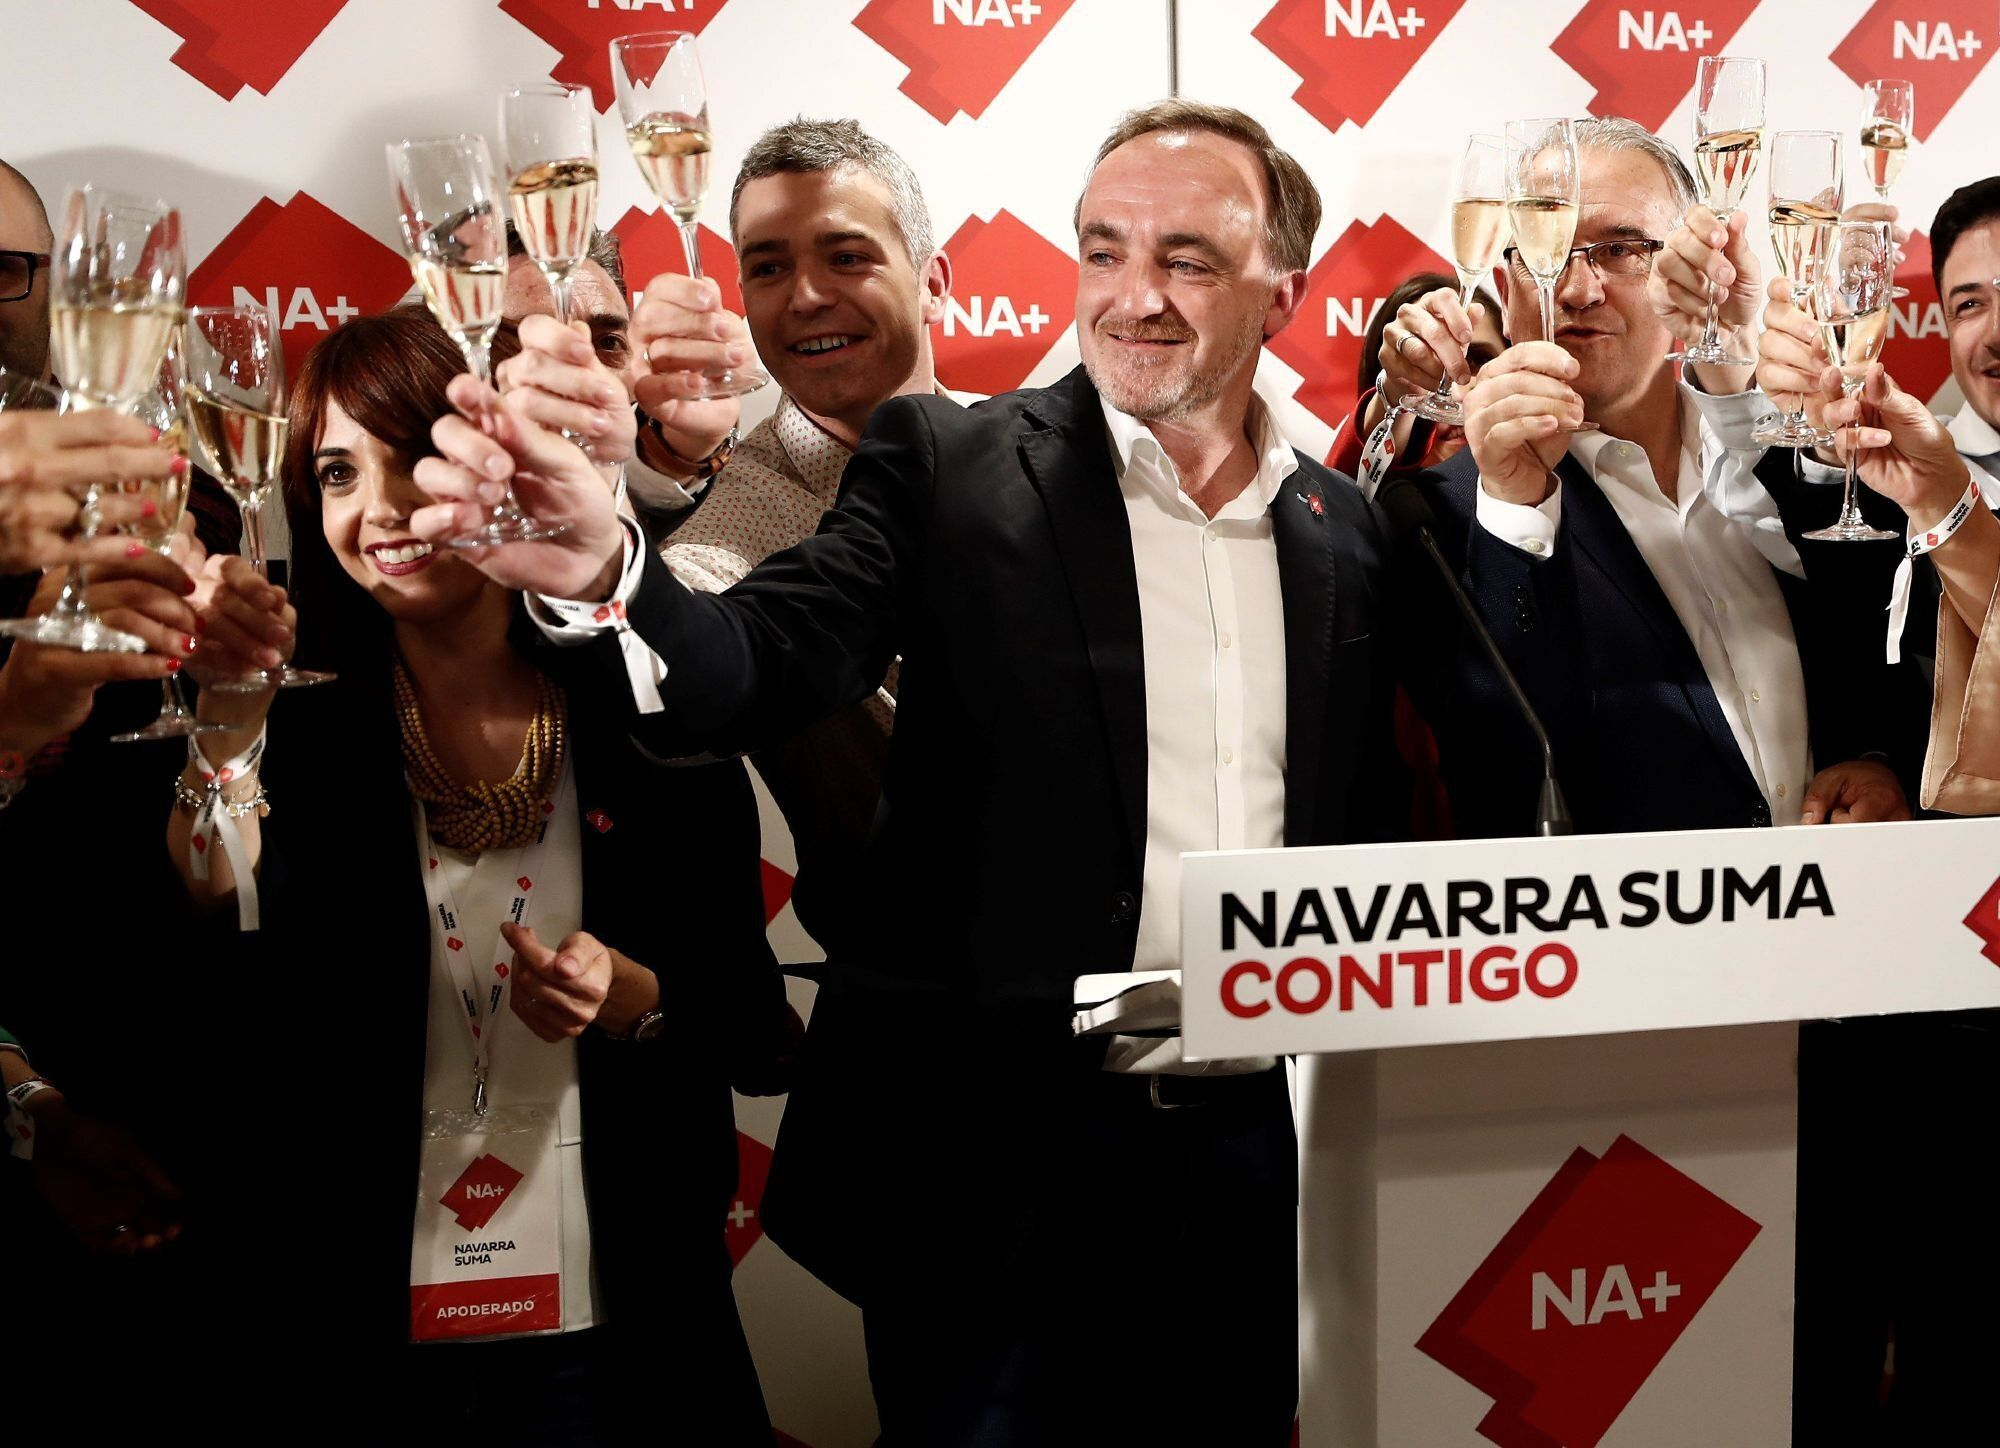 El cuatripartito no reeditará su gobierno; victoria insuficiente de Navarra